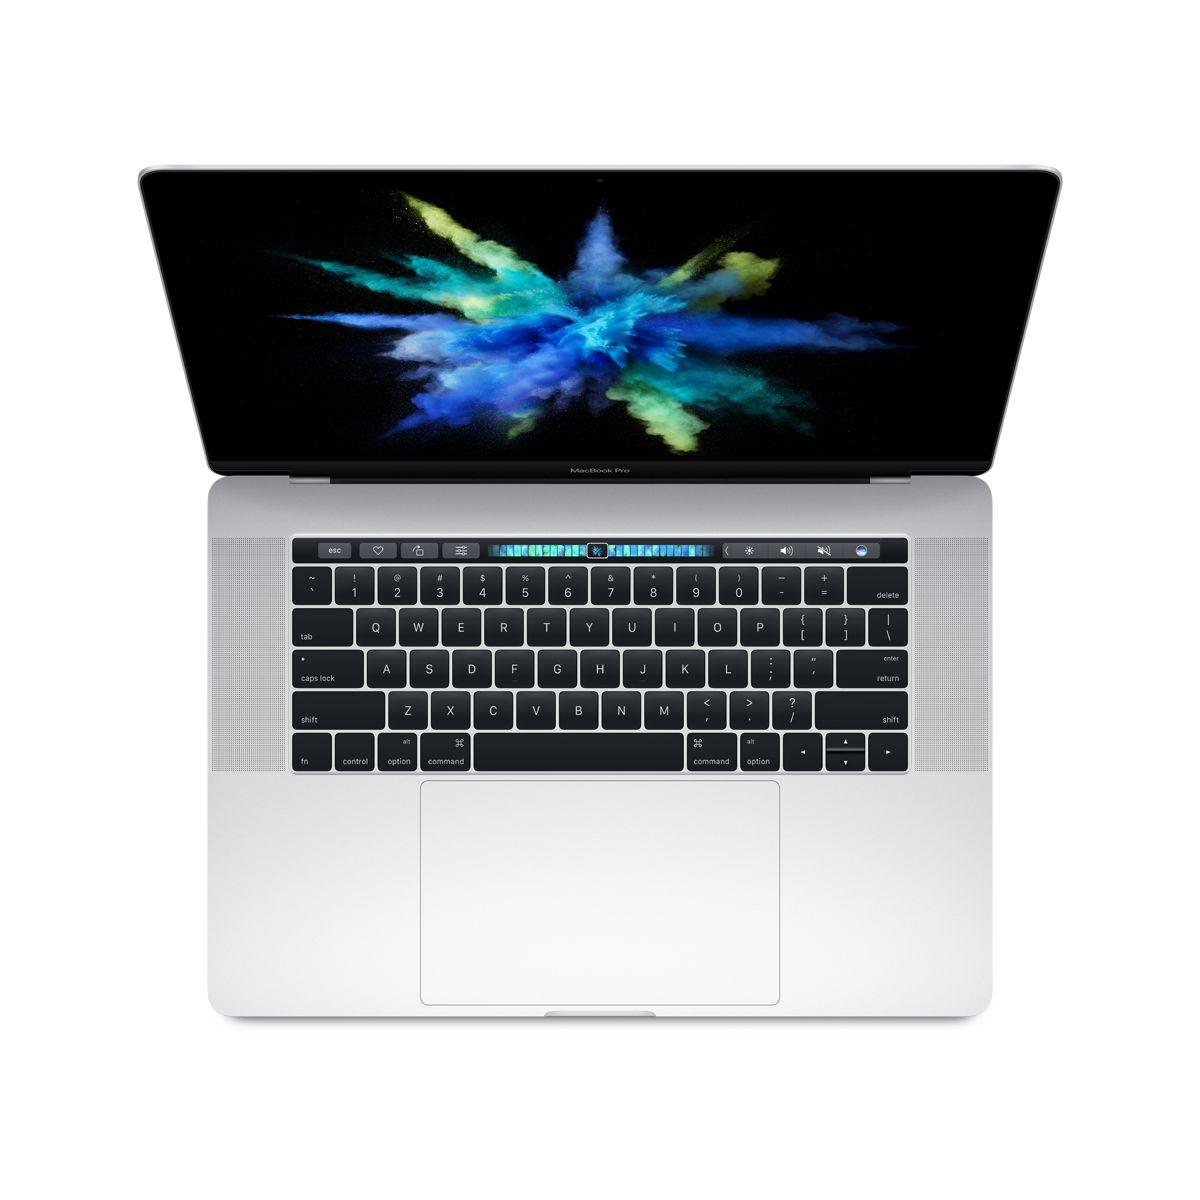 Ordinateur Apple MACBOOK Pro New 15p Touch Bar i7 512Go Argent (photo)